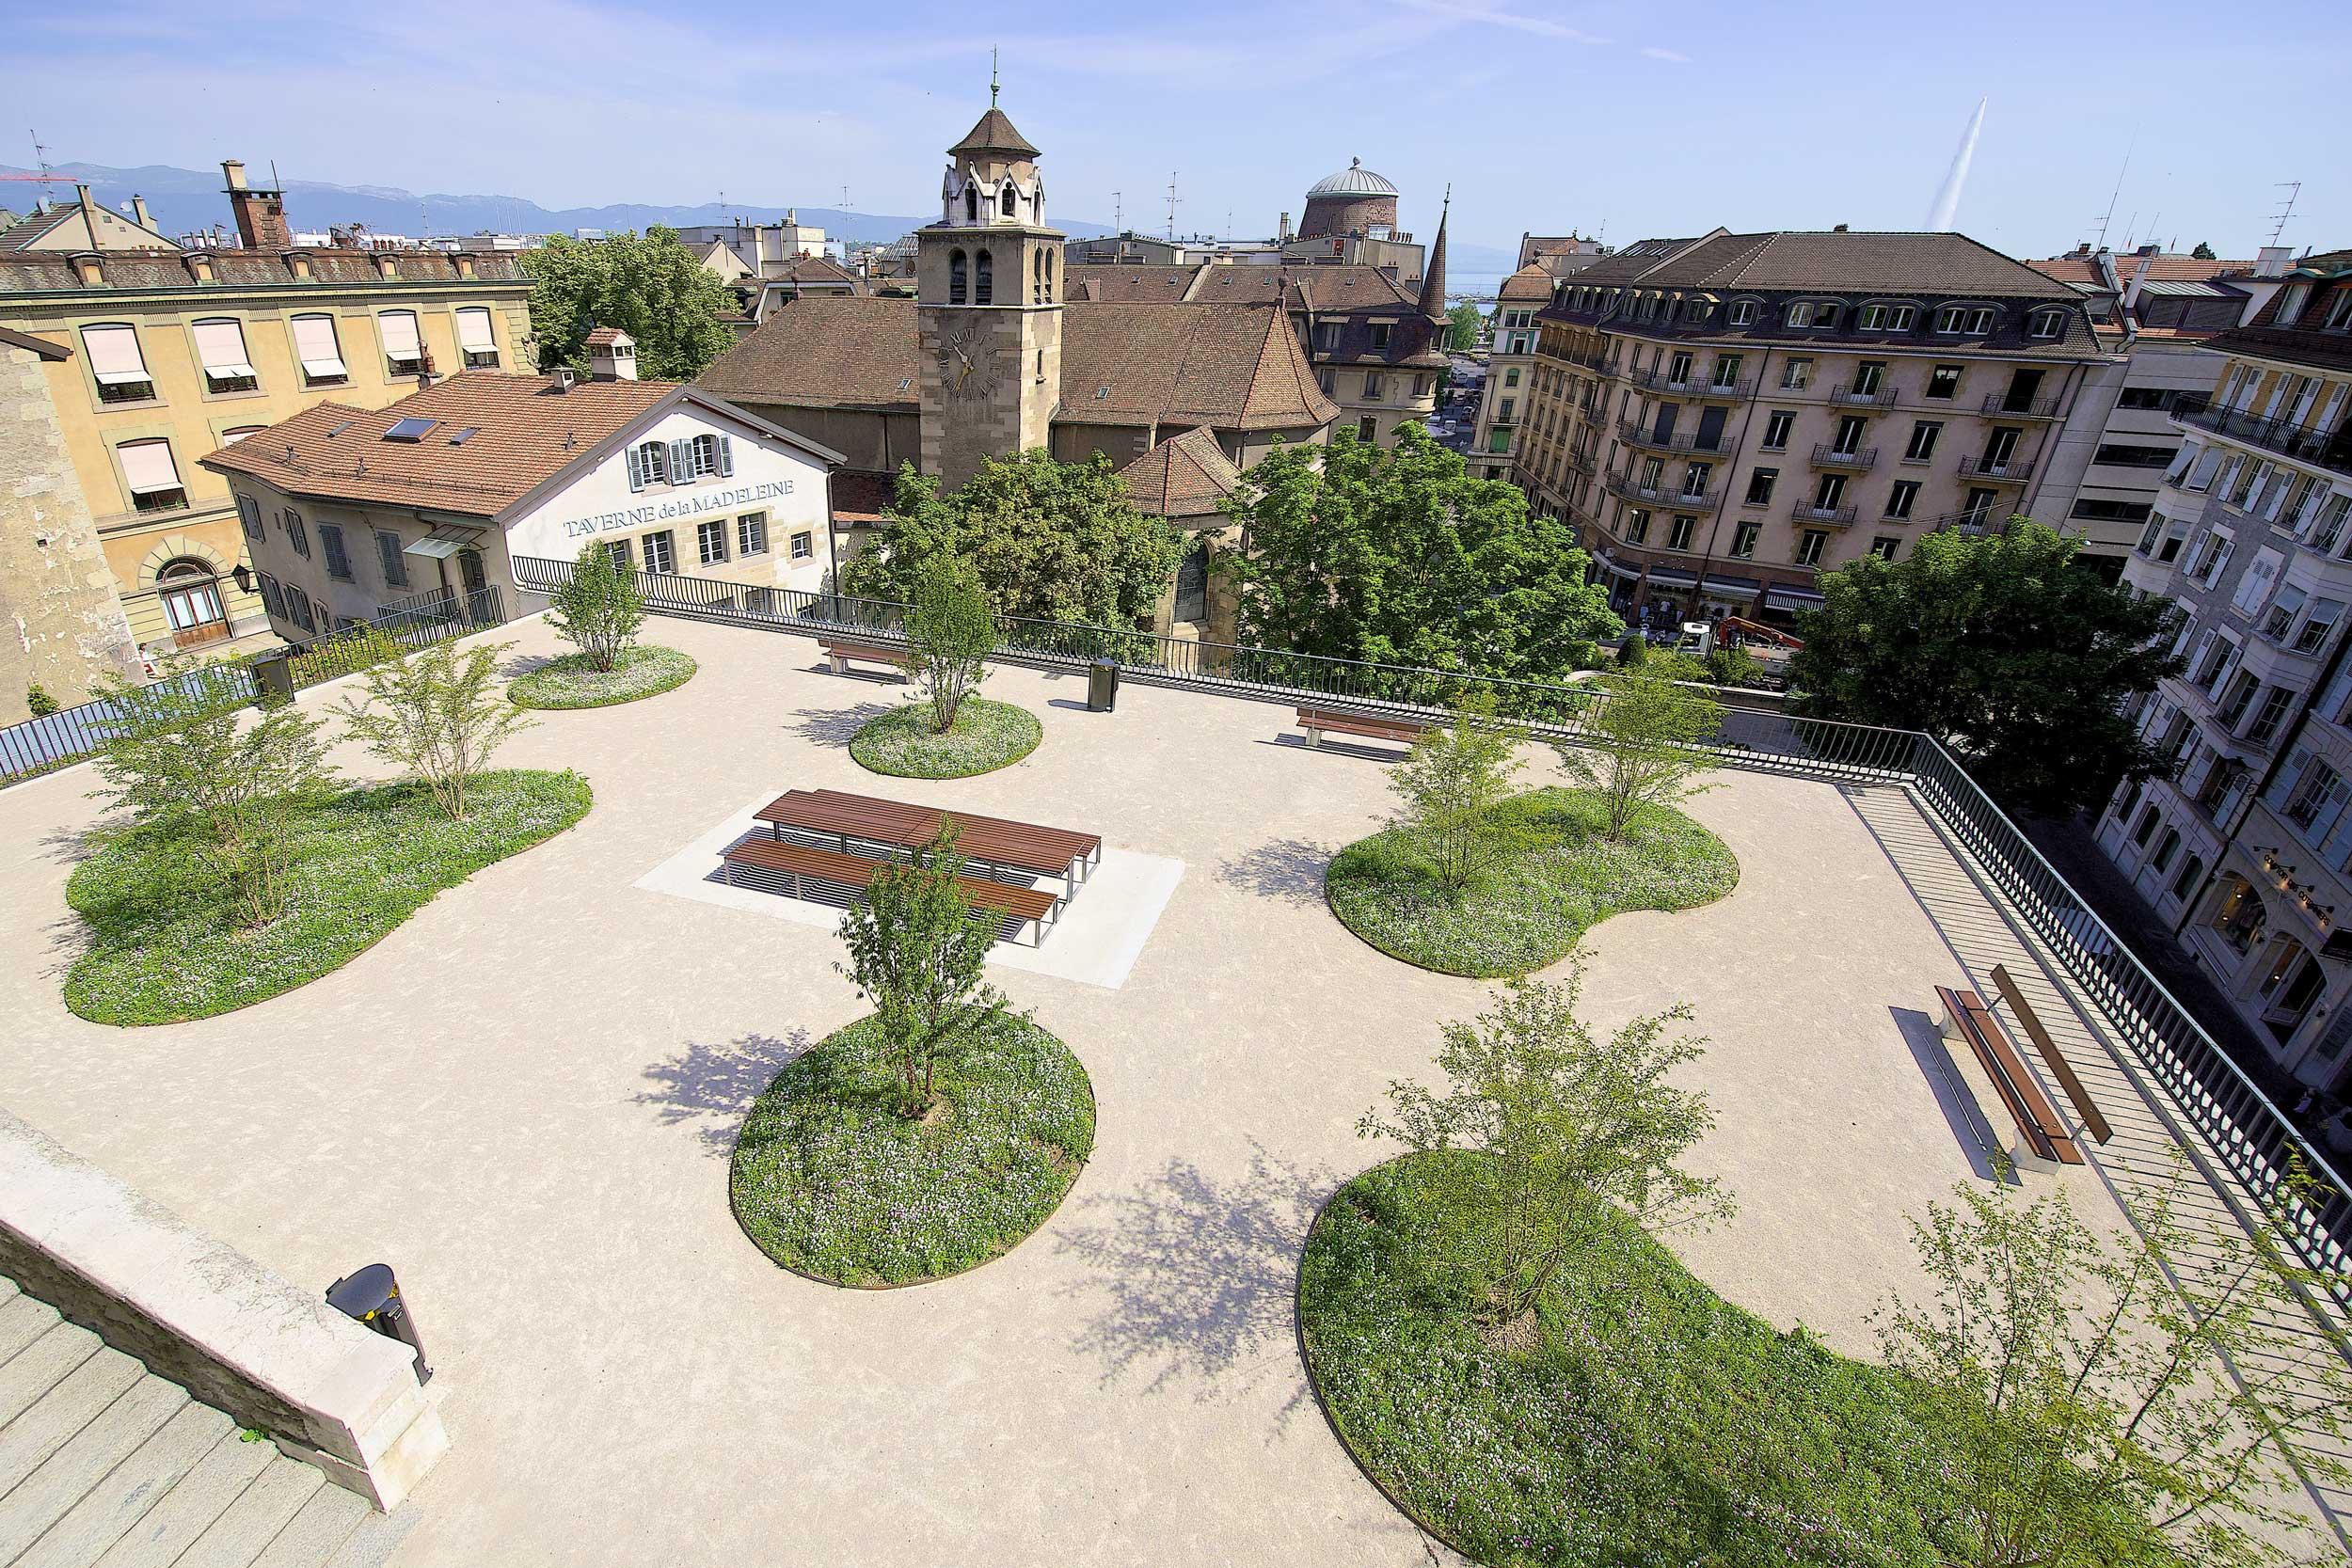 Au-dessus de L'Abri, la terrasse Agrippa-d'Aubigné a été réaménagée en espace public.